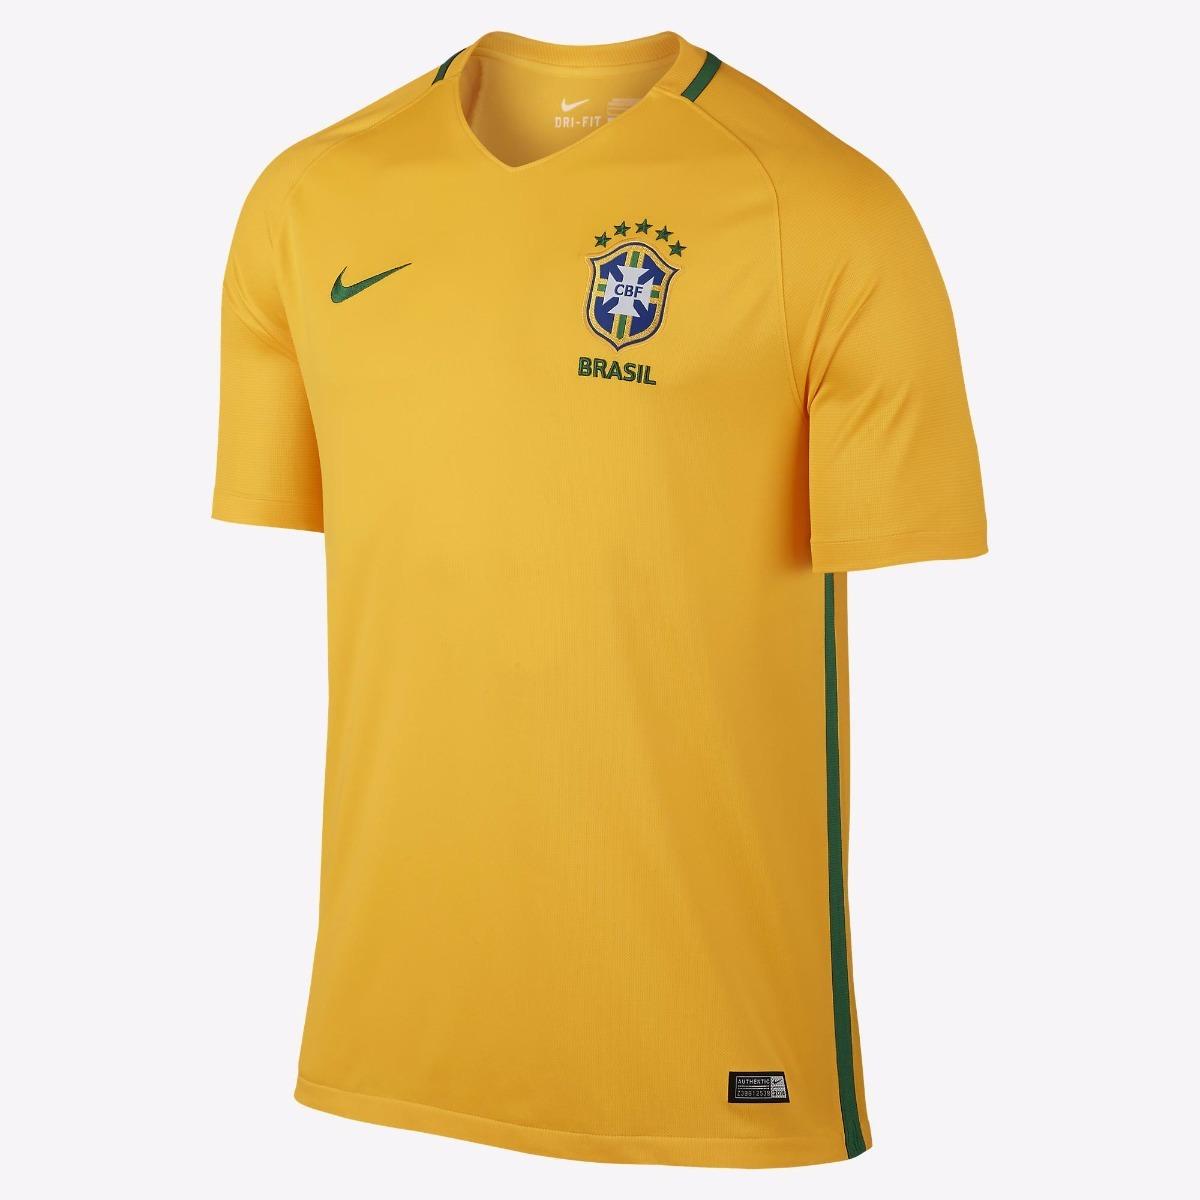 ffa48feed8 camisa nike seleção brasileira oficial 2017- 2018 amarelinha. Carregando  zoom.